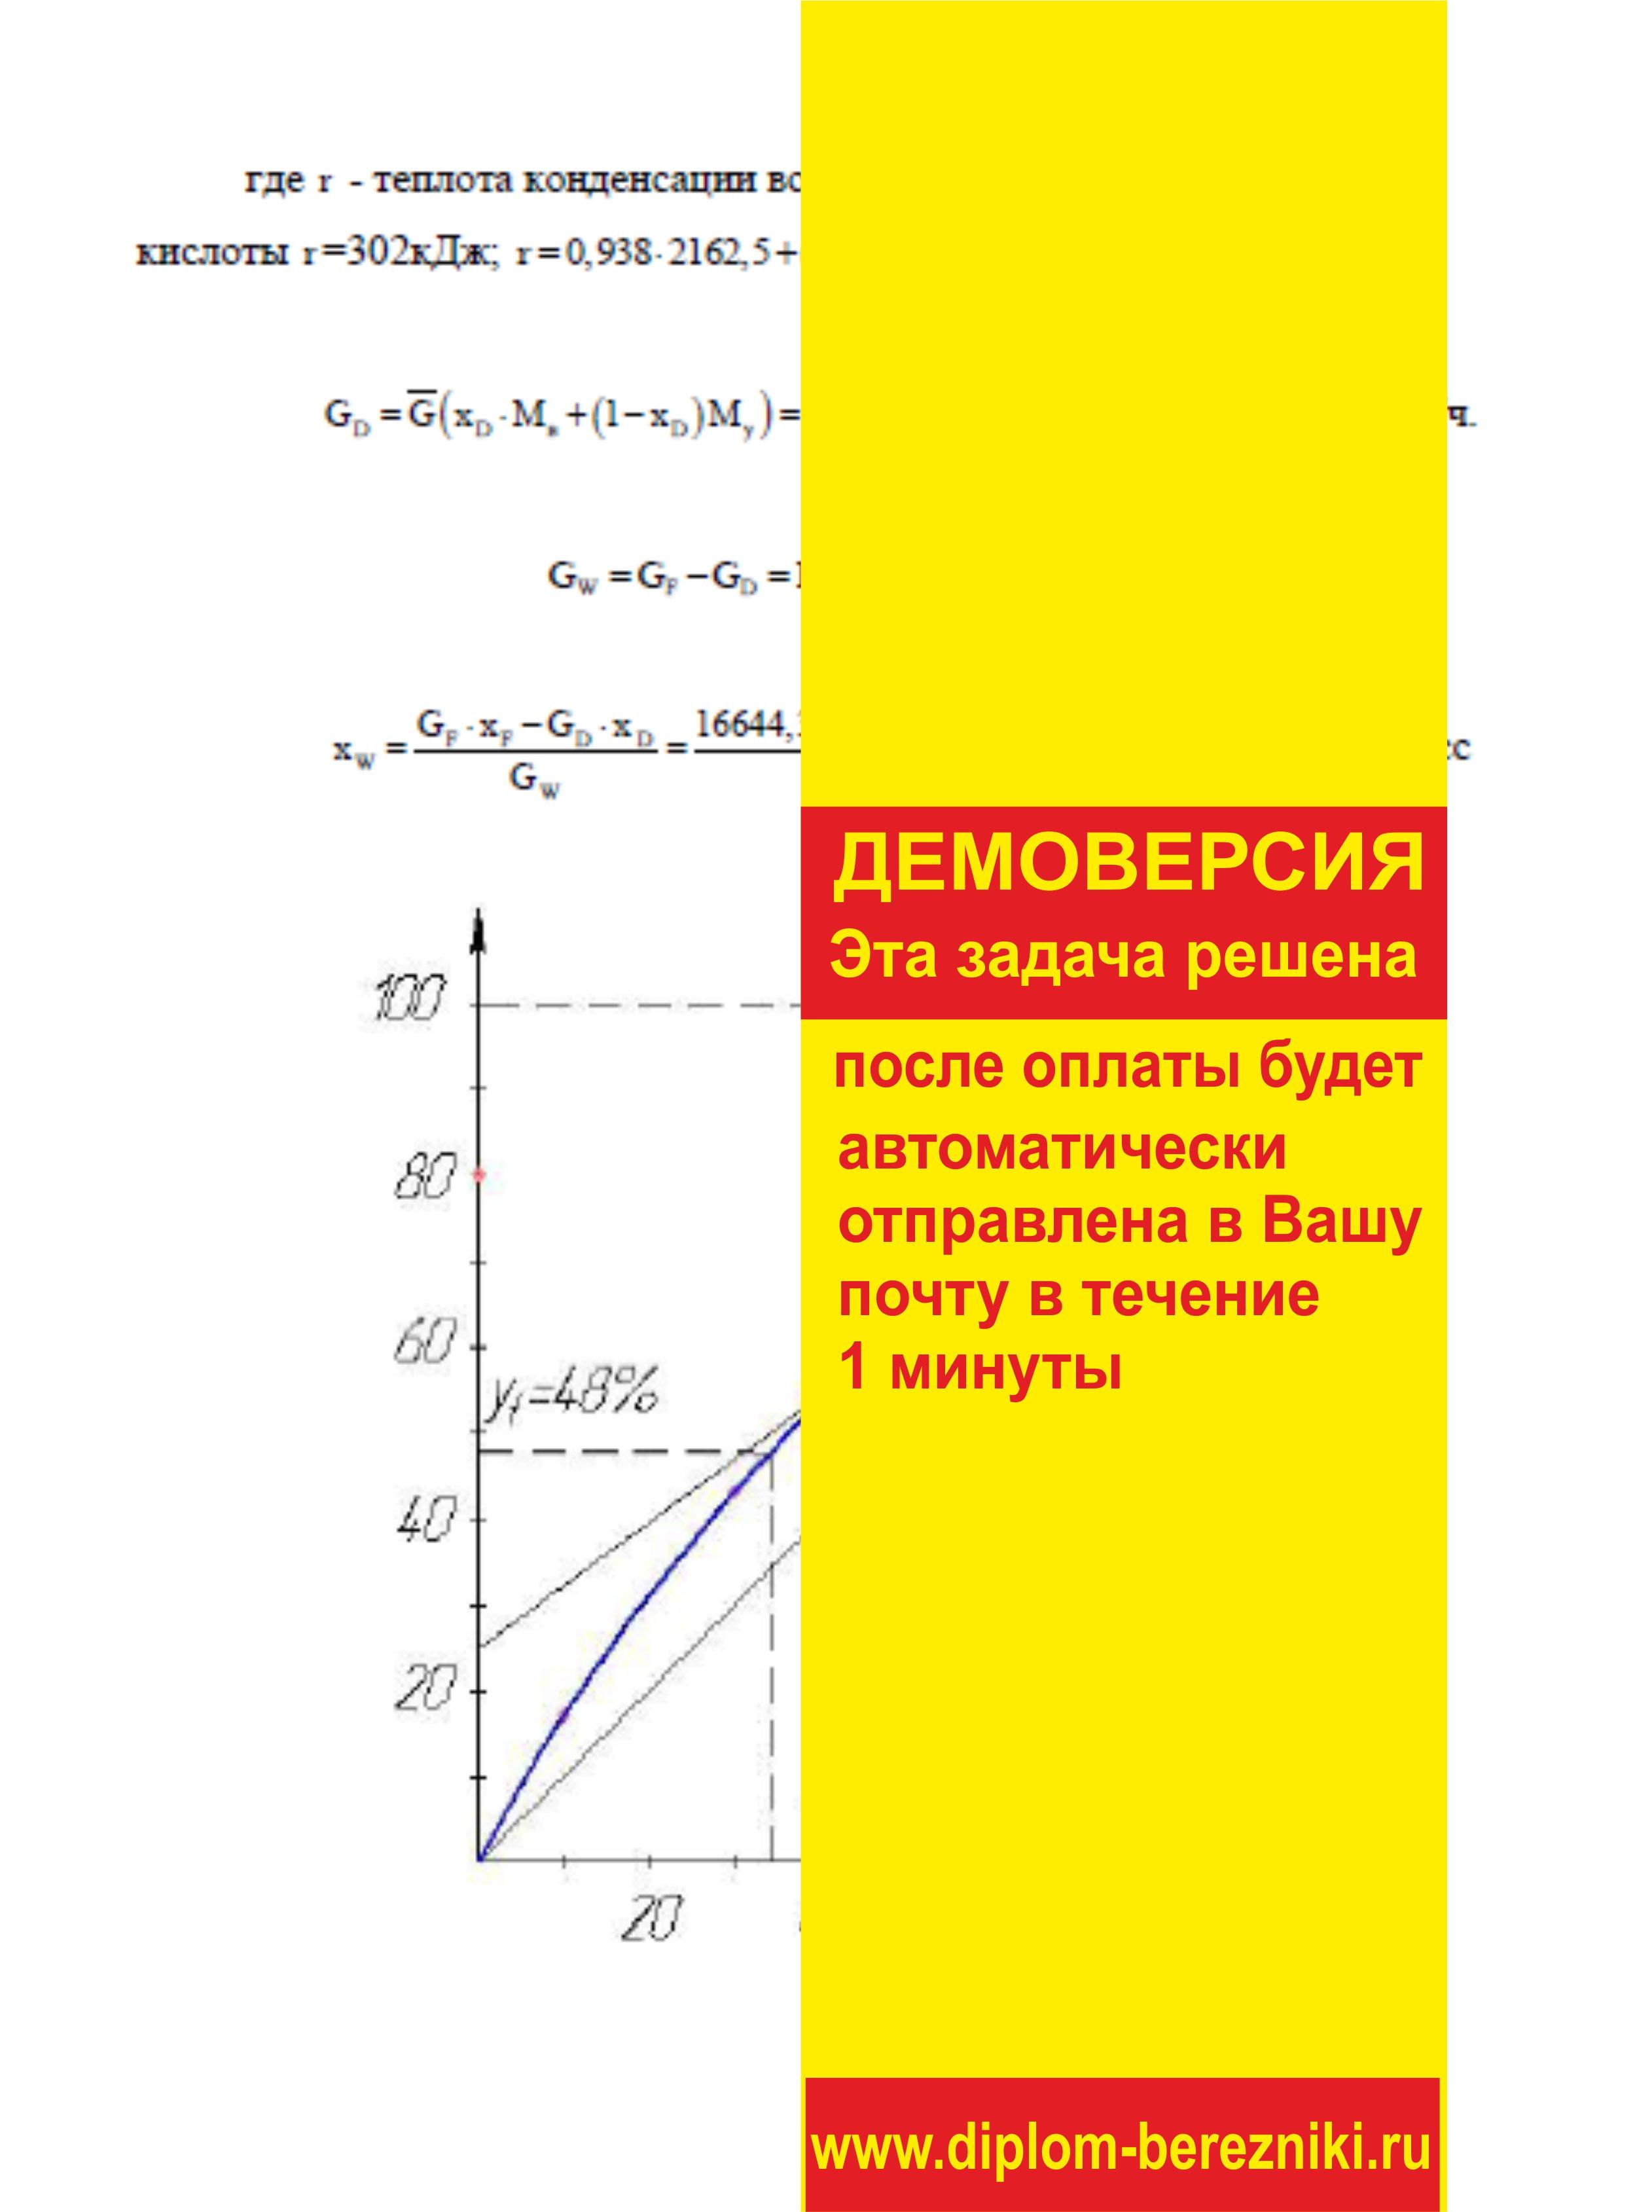 Решение задачи 7.13 по ПАХТ из задачника Павлова Романкова Носкова